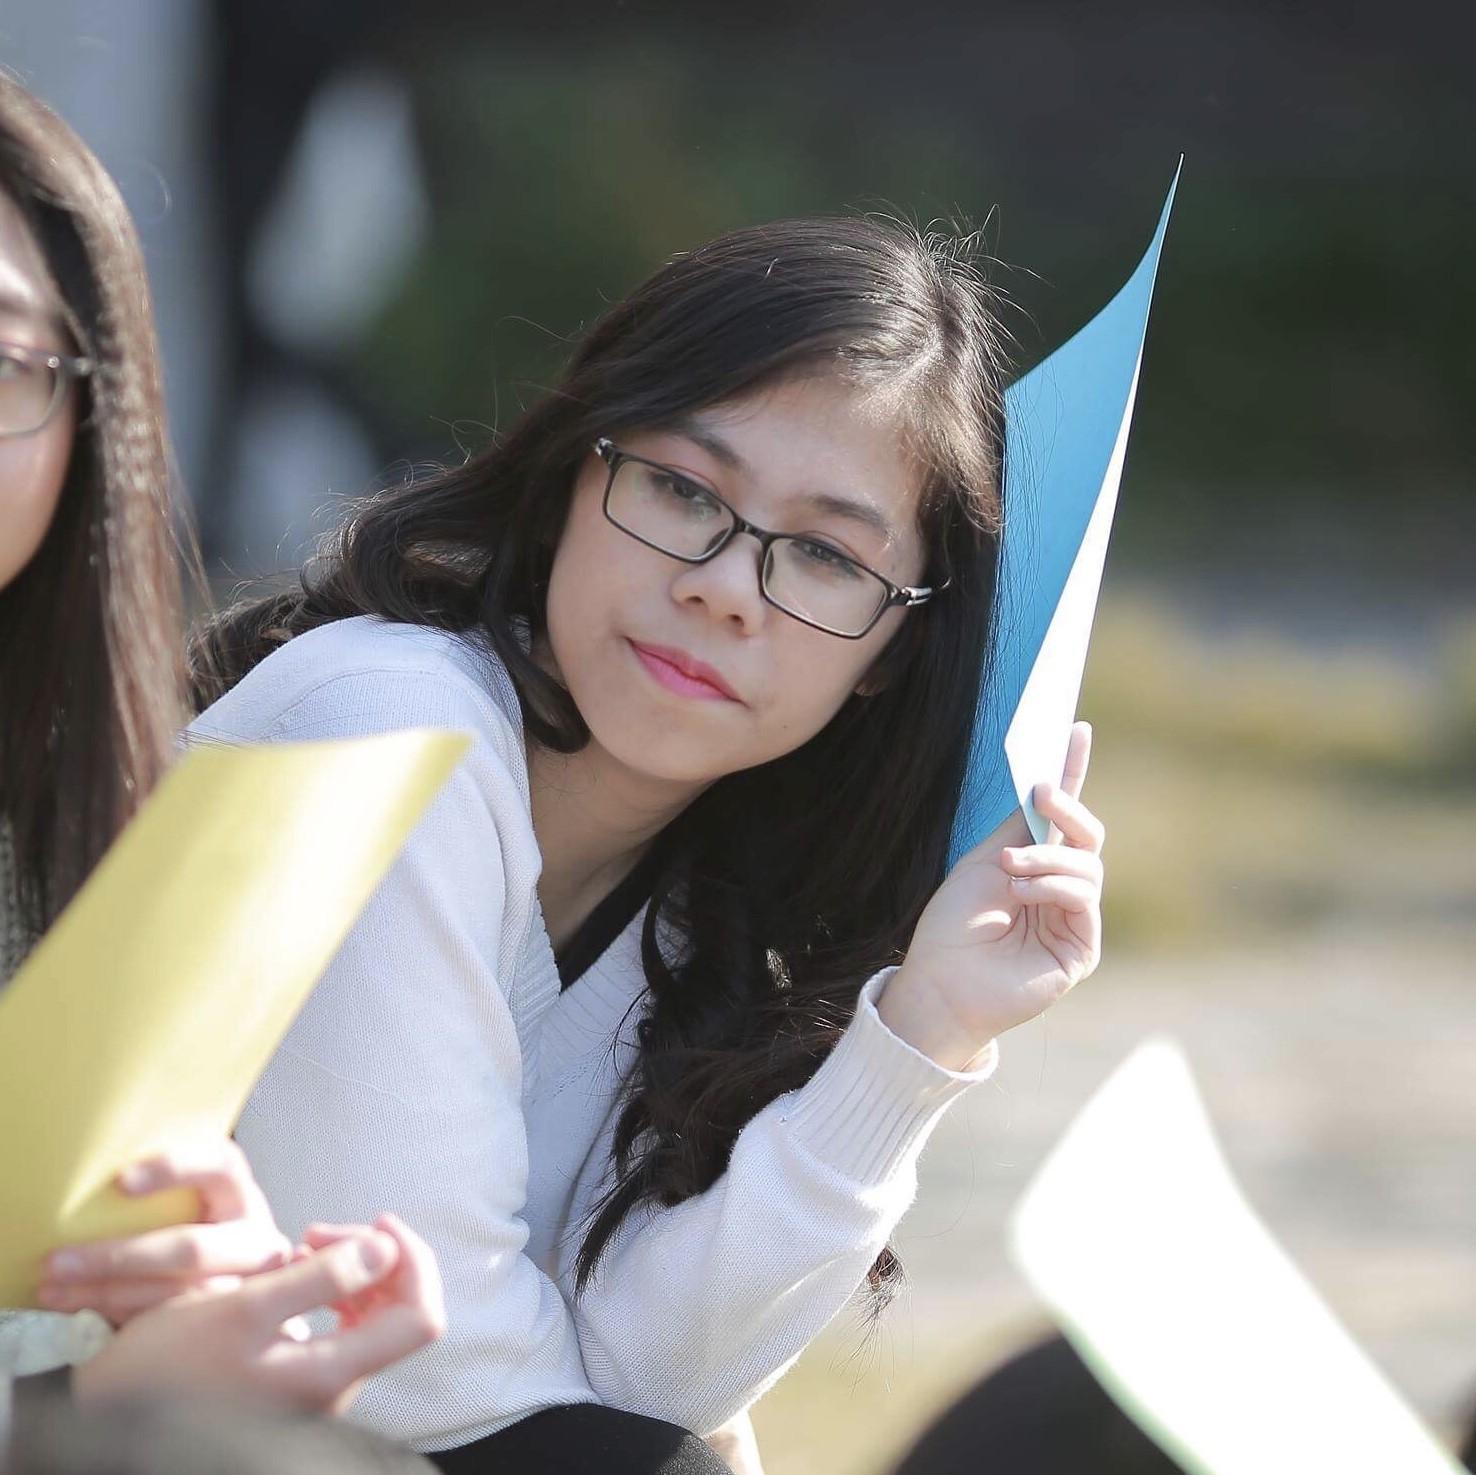 Viết luận về đá cầu và bình đẳng giới, nữ sinh Ams 17 tuổi giành học bổng 6,7 tỷ du học Mỹ